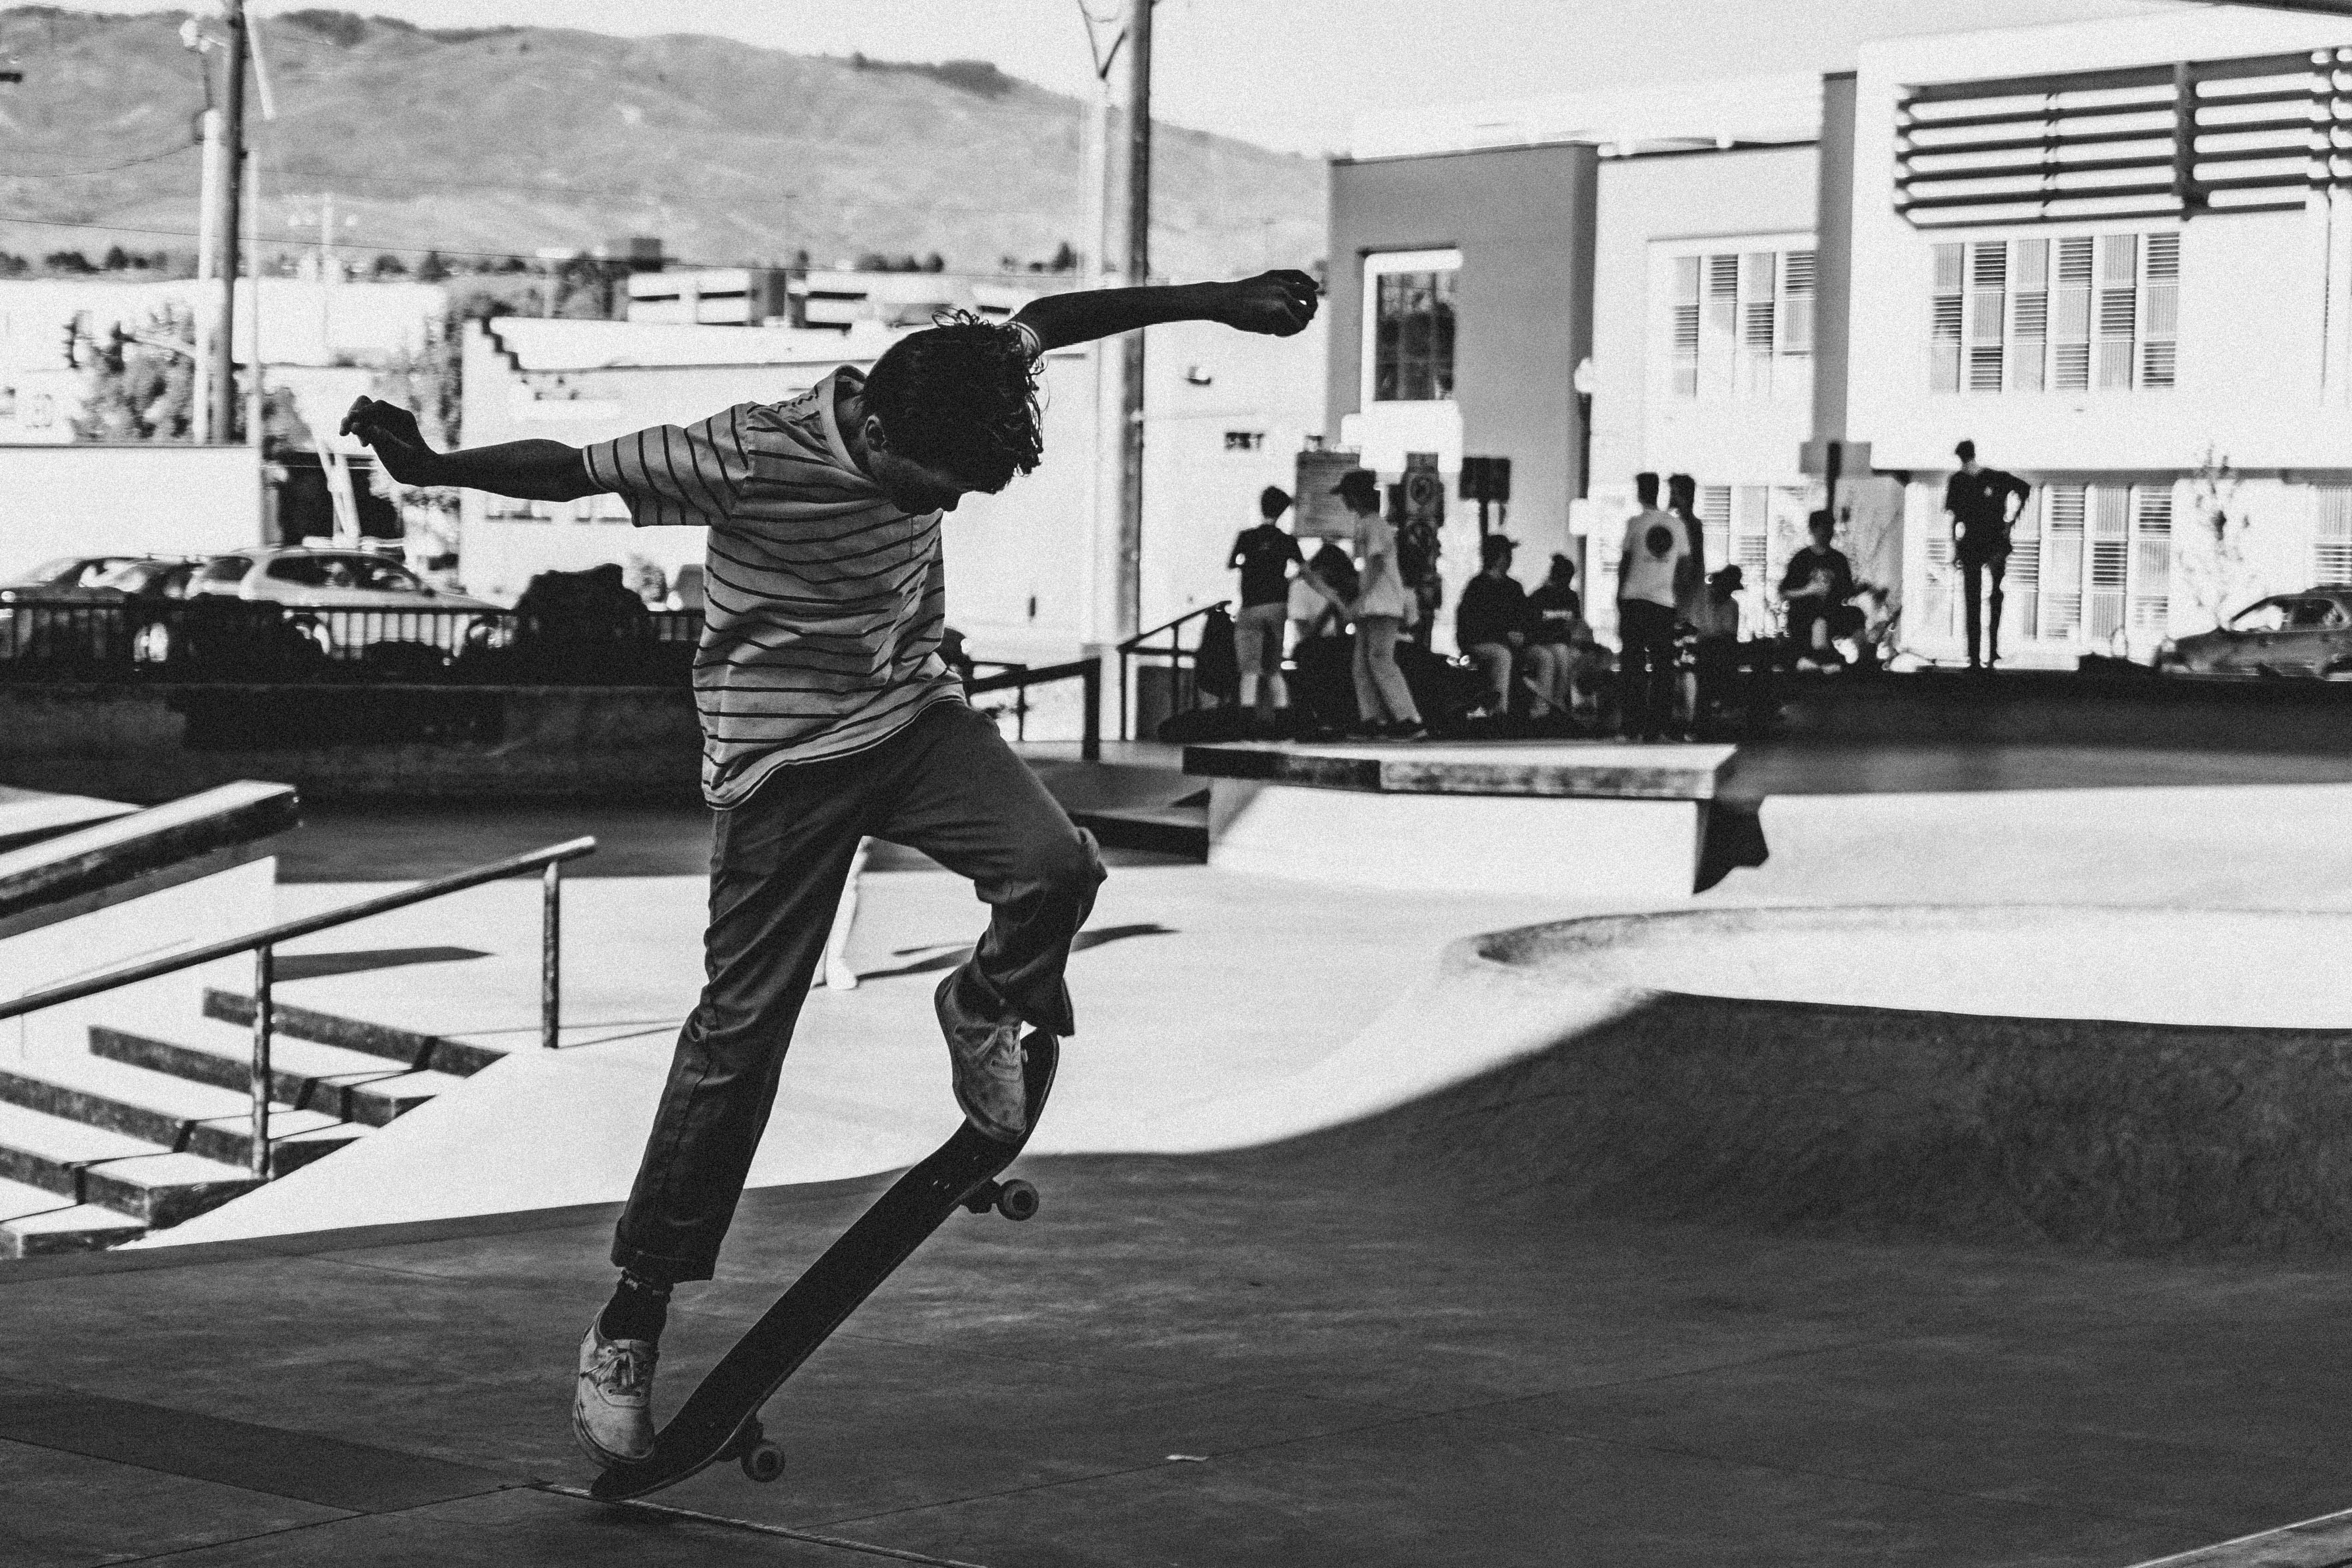 Immagine gratuita di abilità, bianco e nero, diversi, fare skateboard